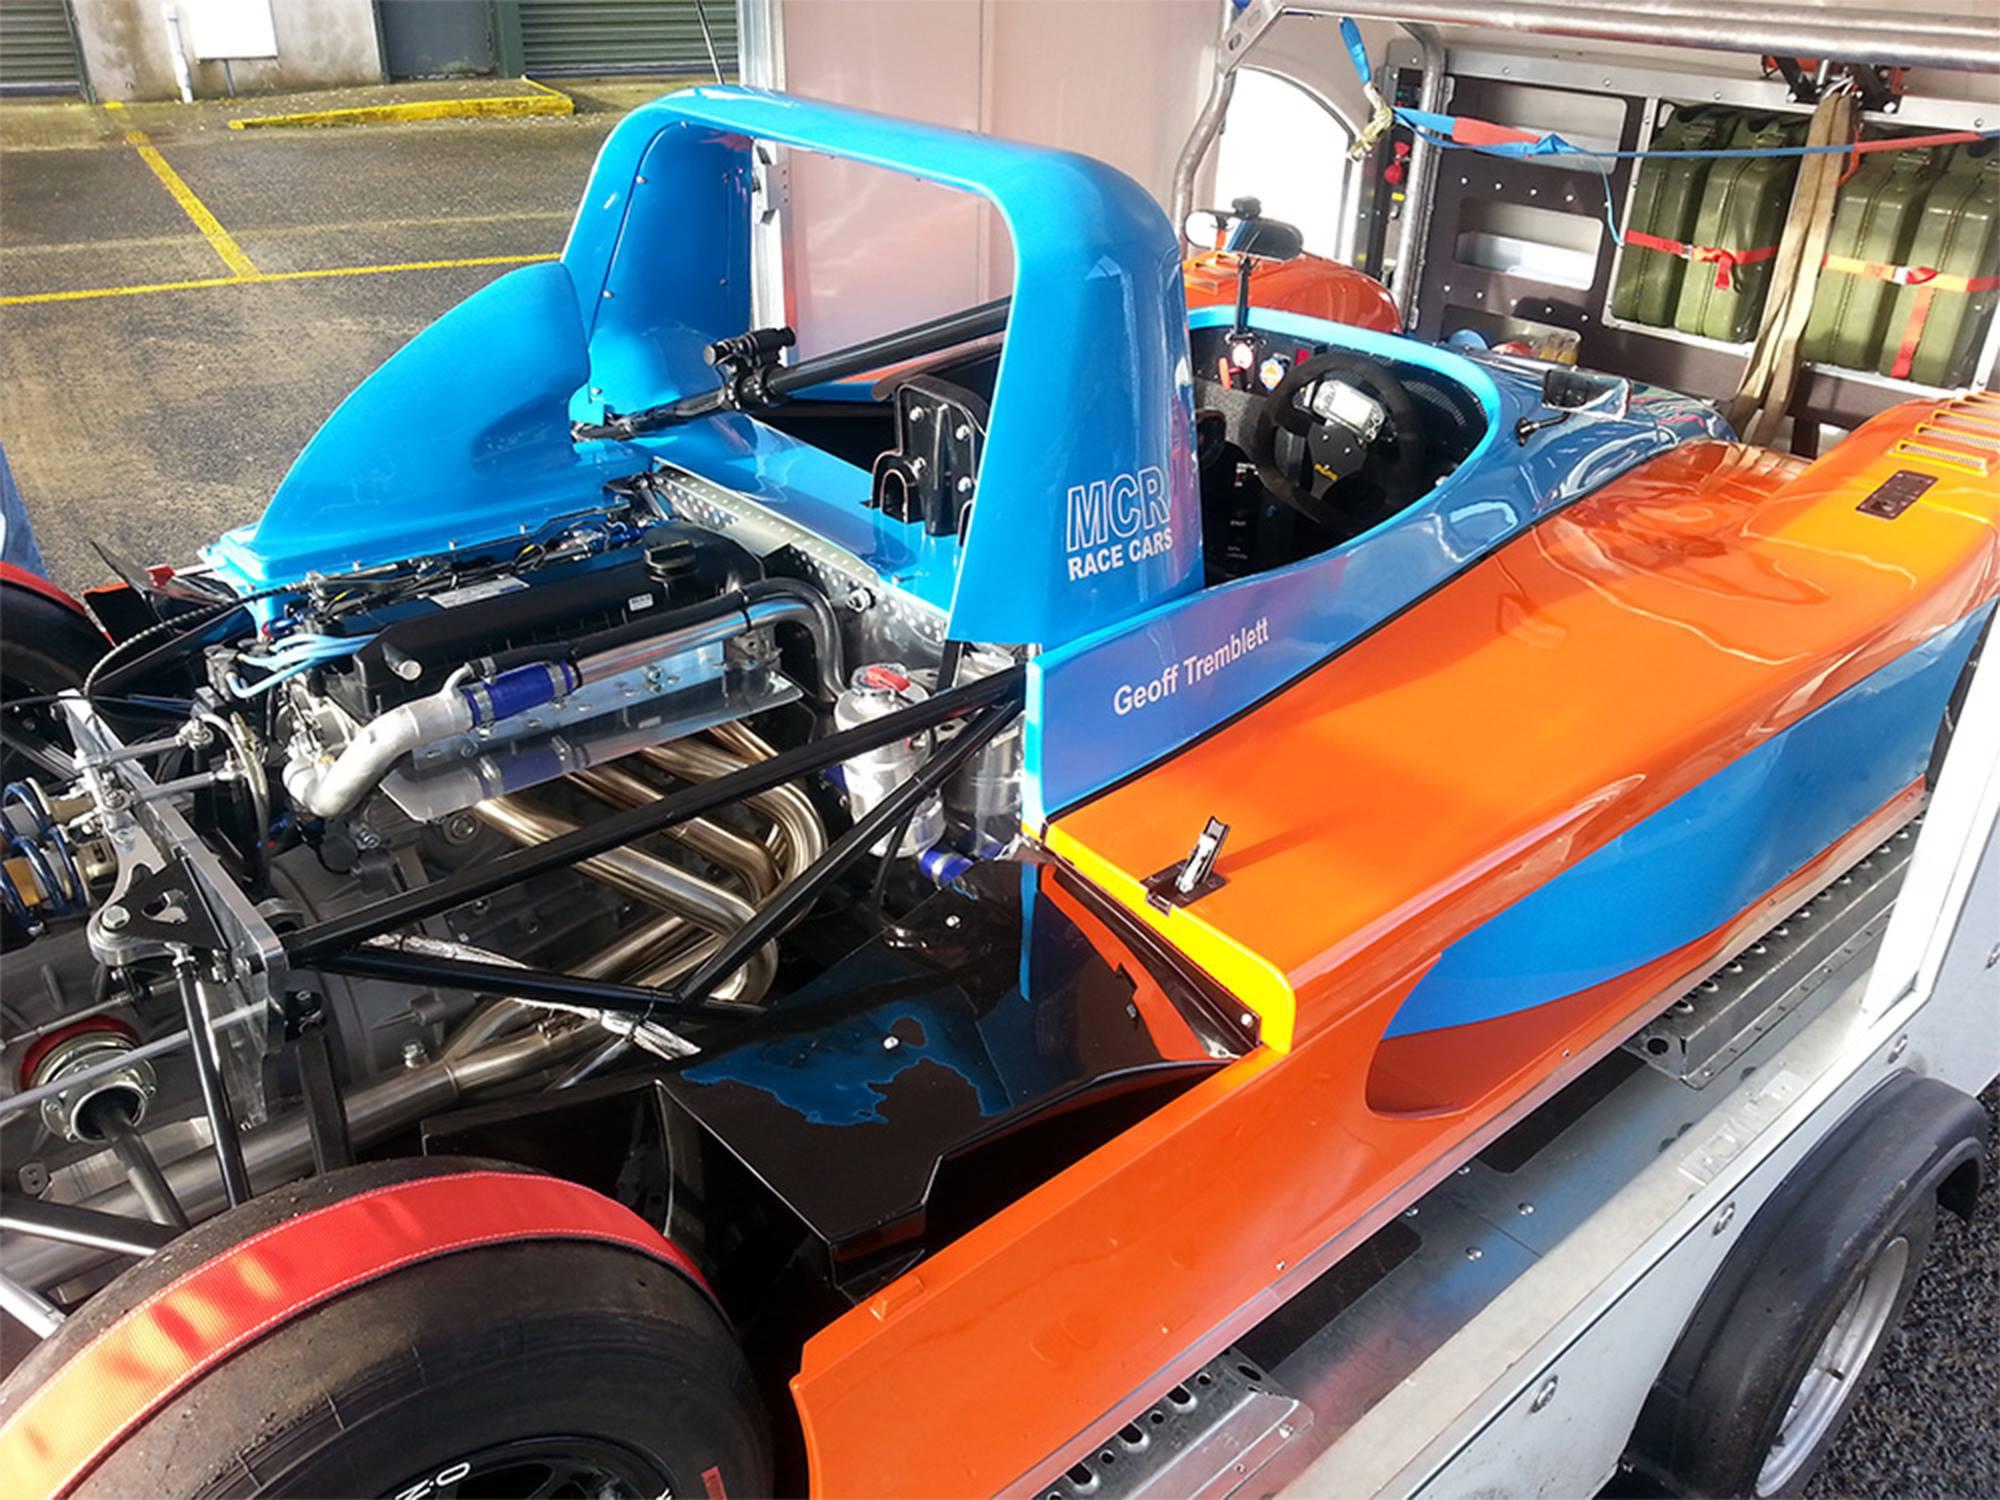 MCR S2 Race Car